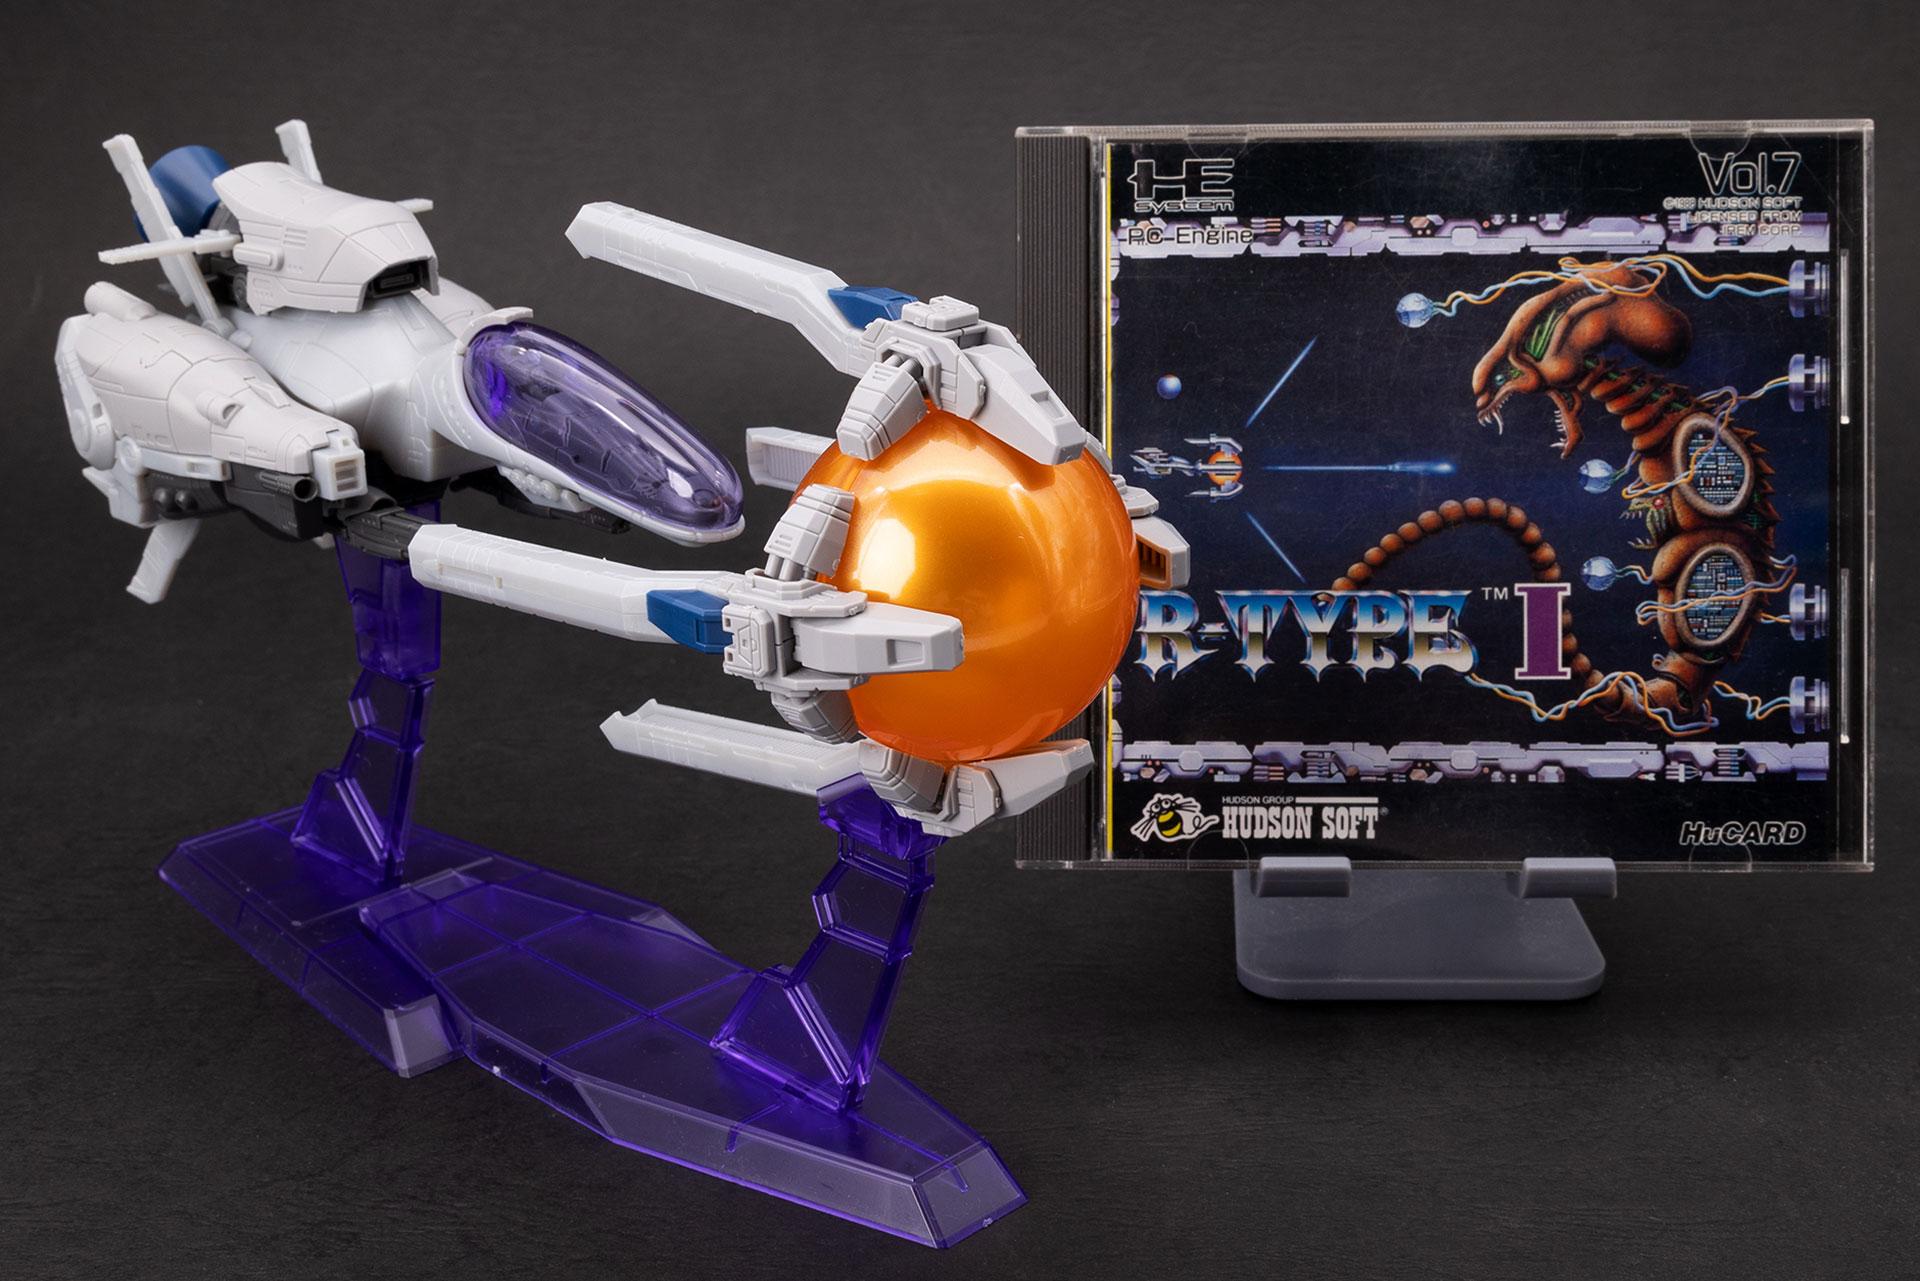 せっかくなので、お気に入りのPCエンジン版「R-TYPE I」との記念写真もパシャリ。こうして見ると、ゲーム棚のディスプレイにも良さそうですね!